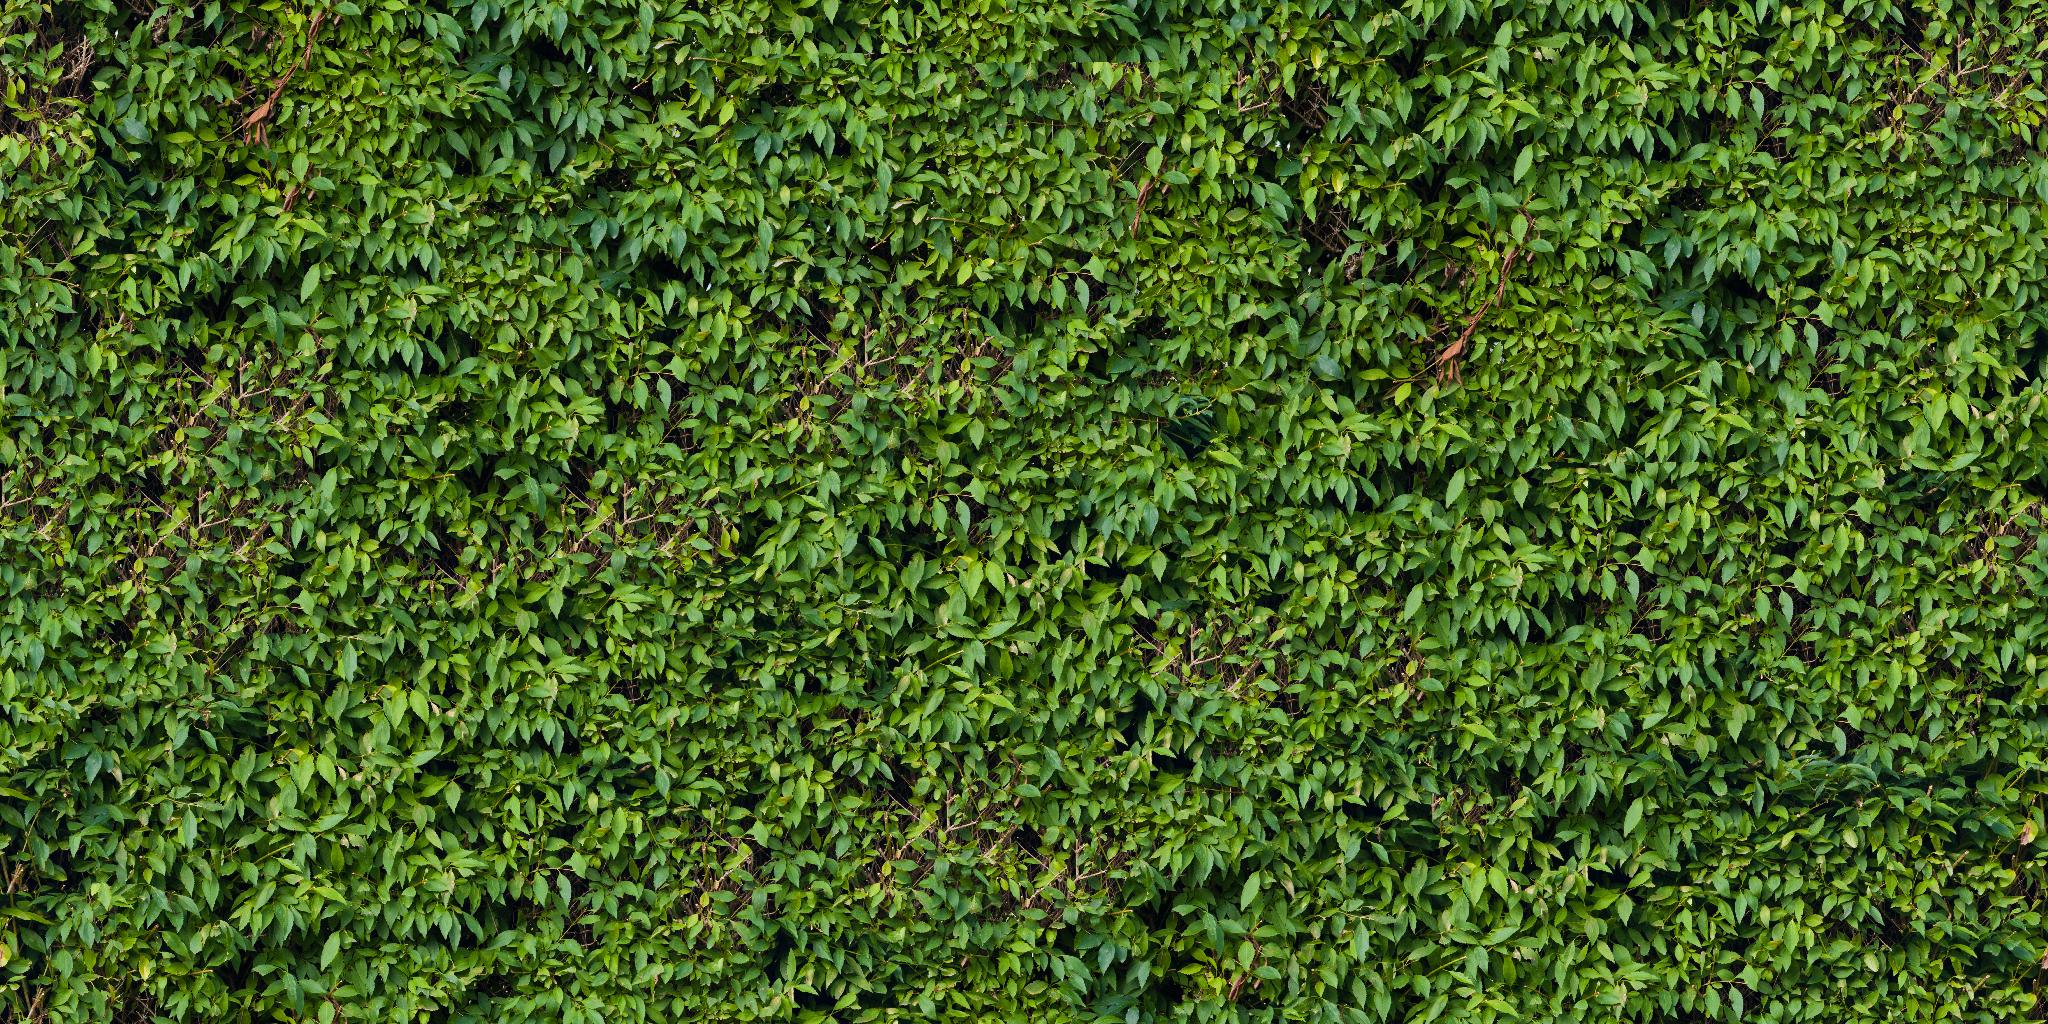 Vegetation Hedge 24 Png 2048 1024 Texture Hedges Vegetation